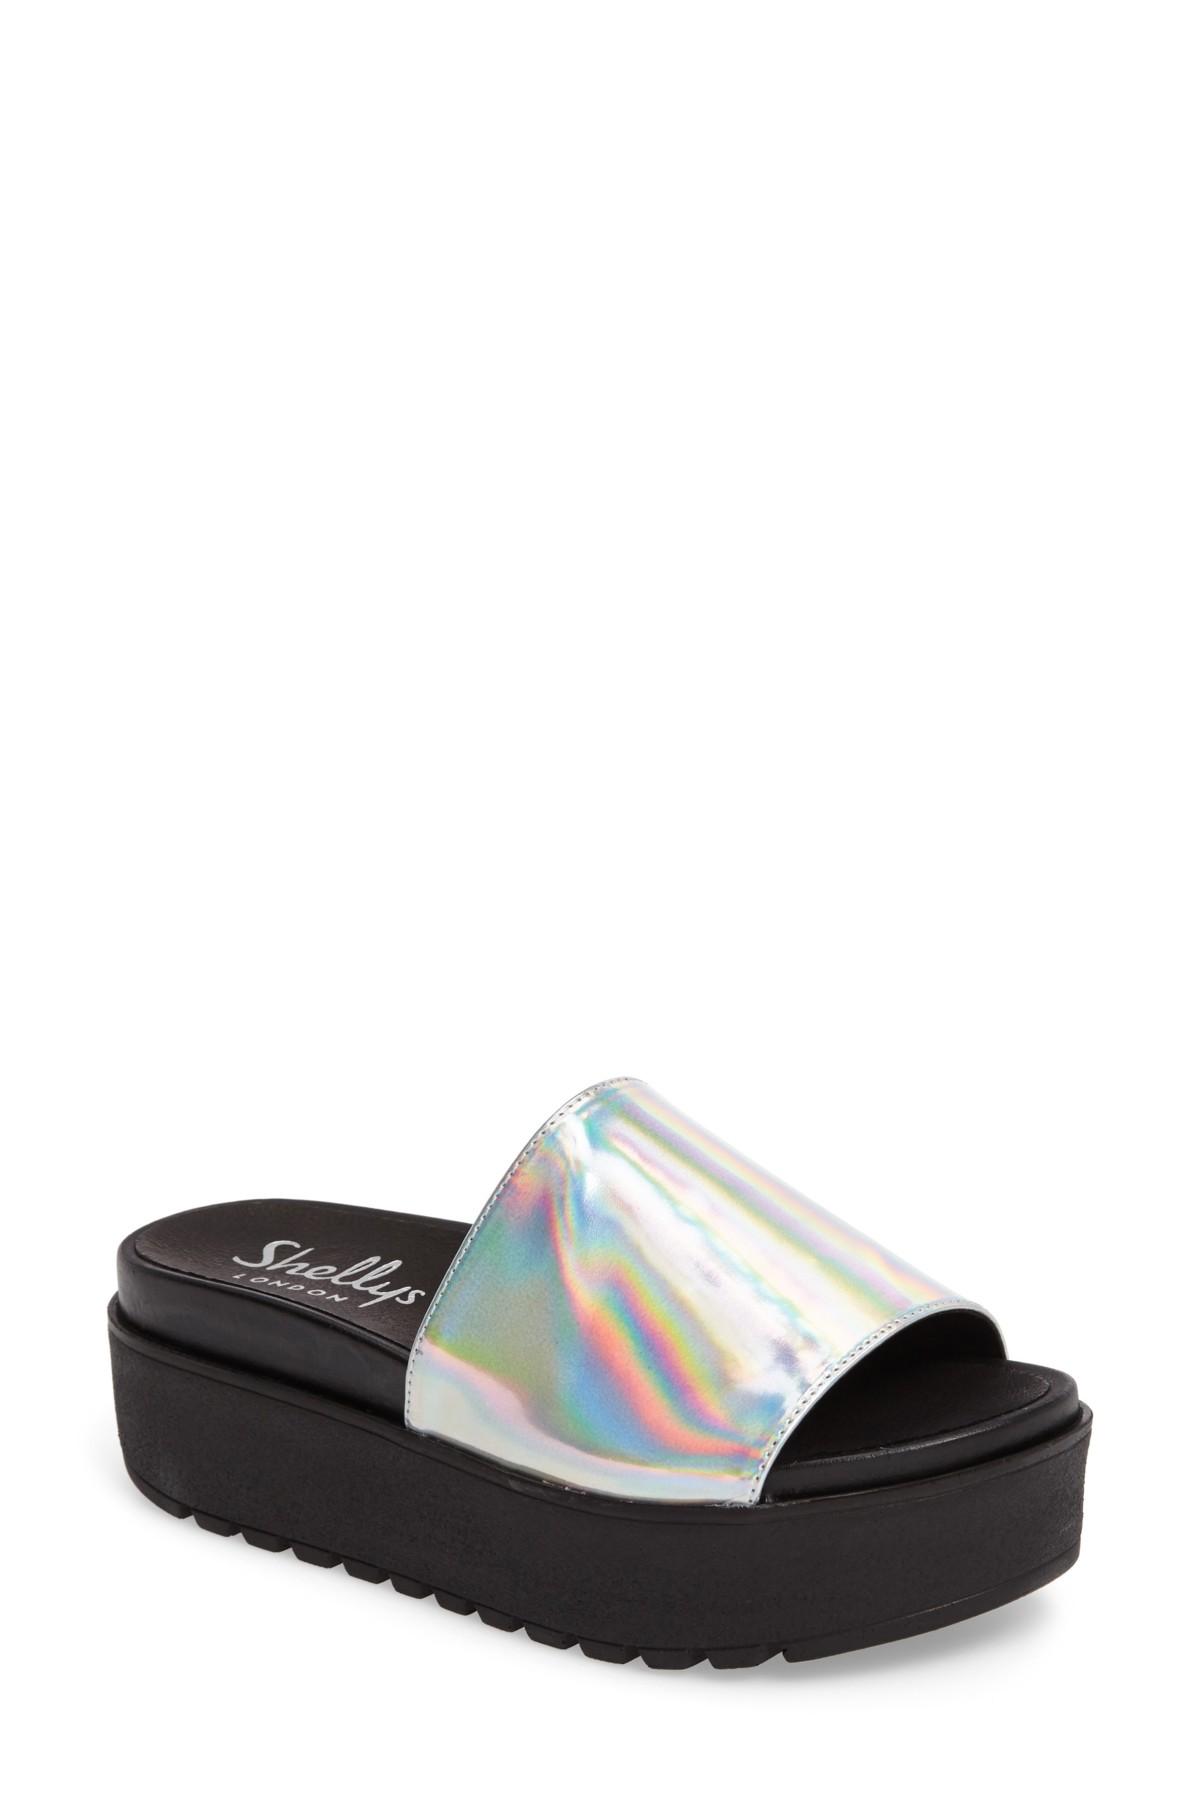 9c0cb06bd4 Shellys London | Kora Platform Slide | Products | Slide sandals ...